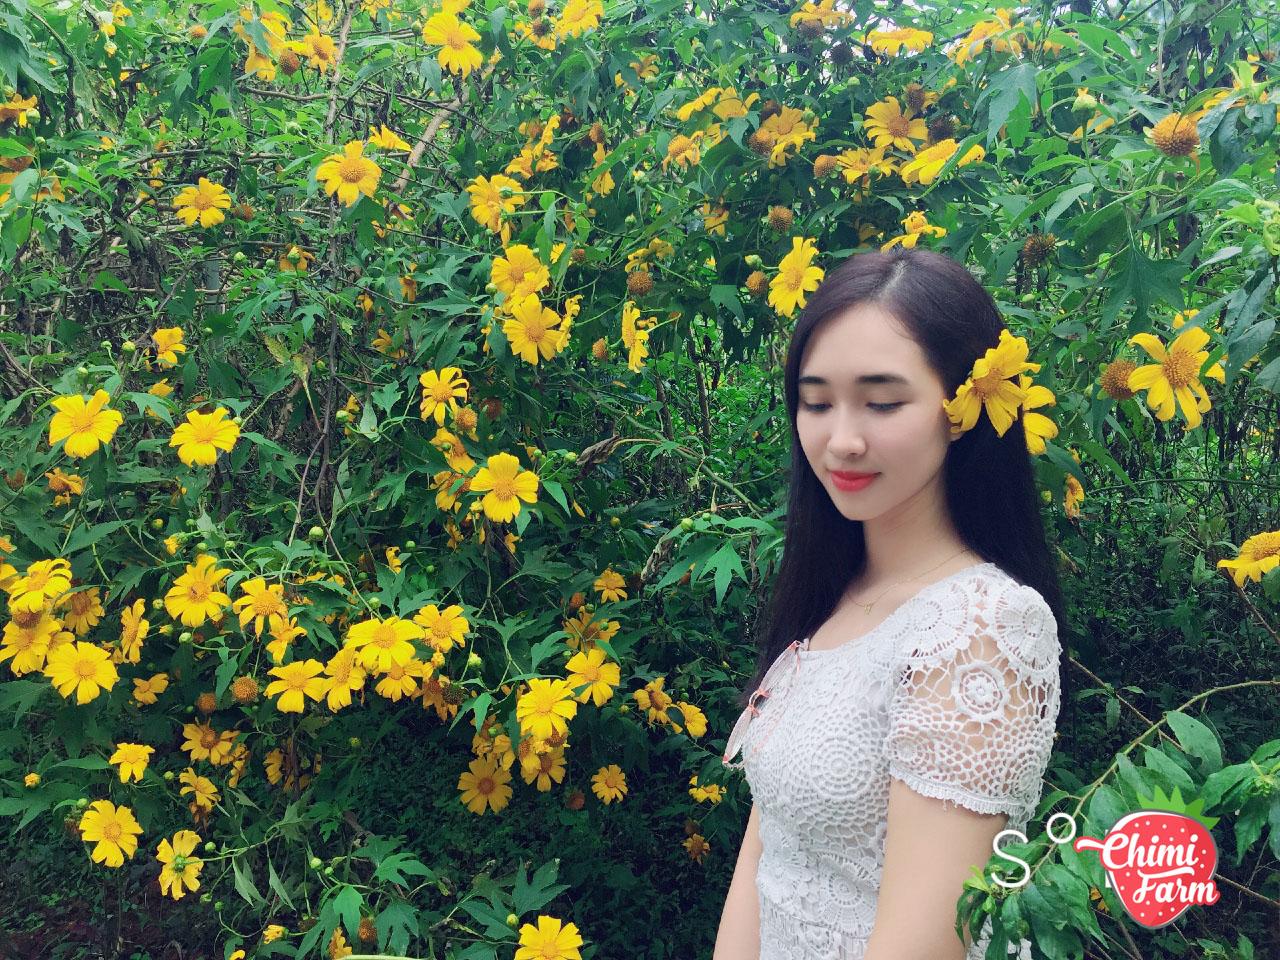 Hoa dã quỳ Mộc Châu vào những ngày đầu đông